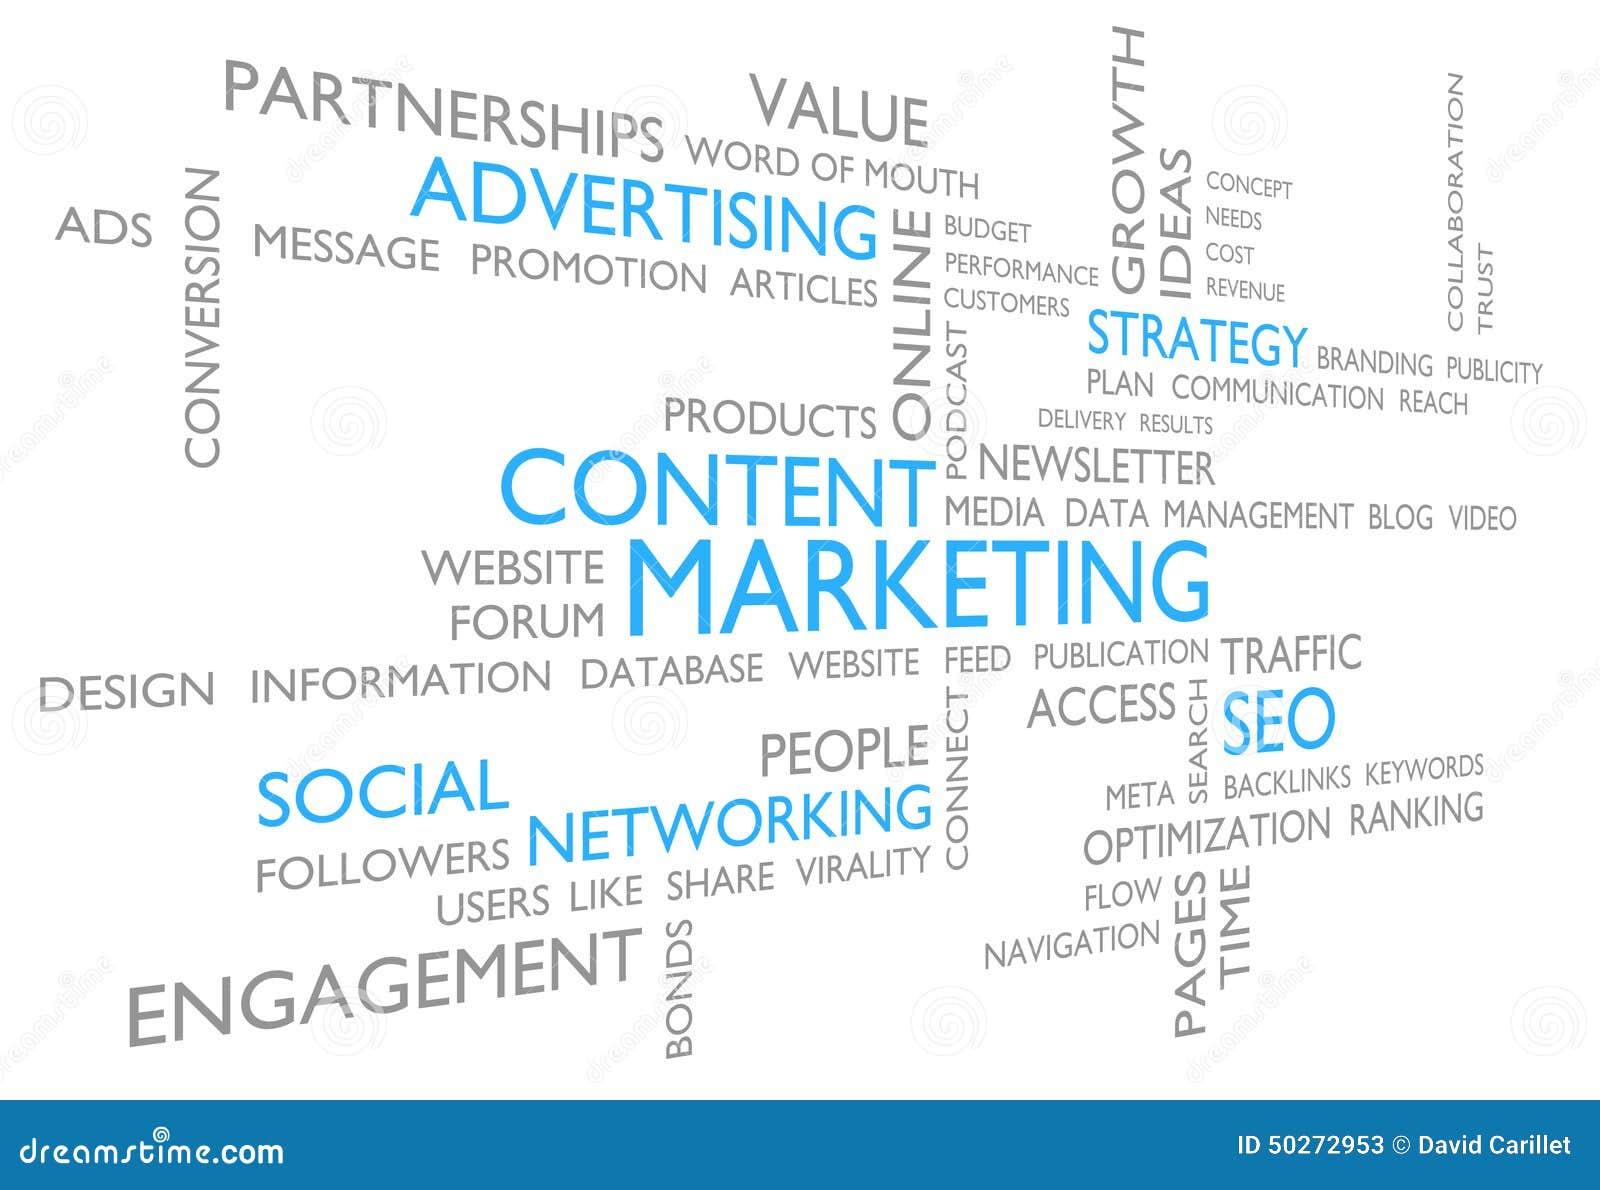 美满的营销通过广告、社会网络和SEO